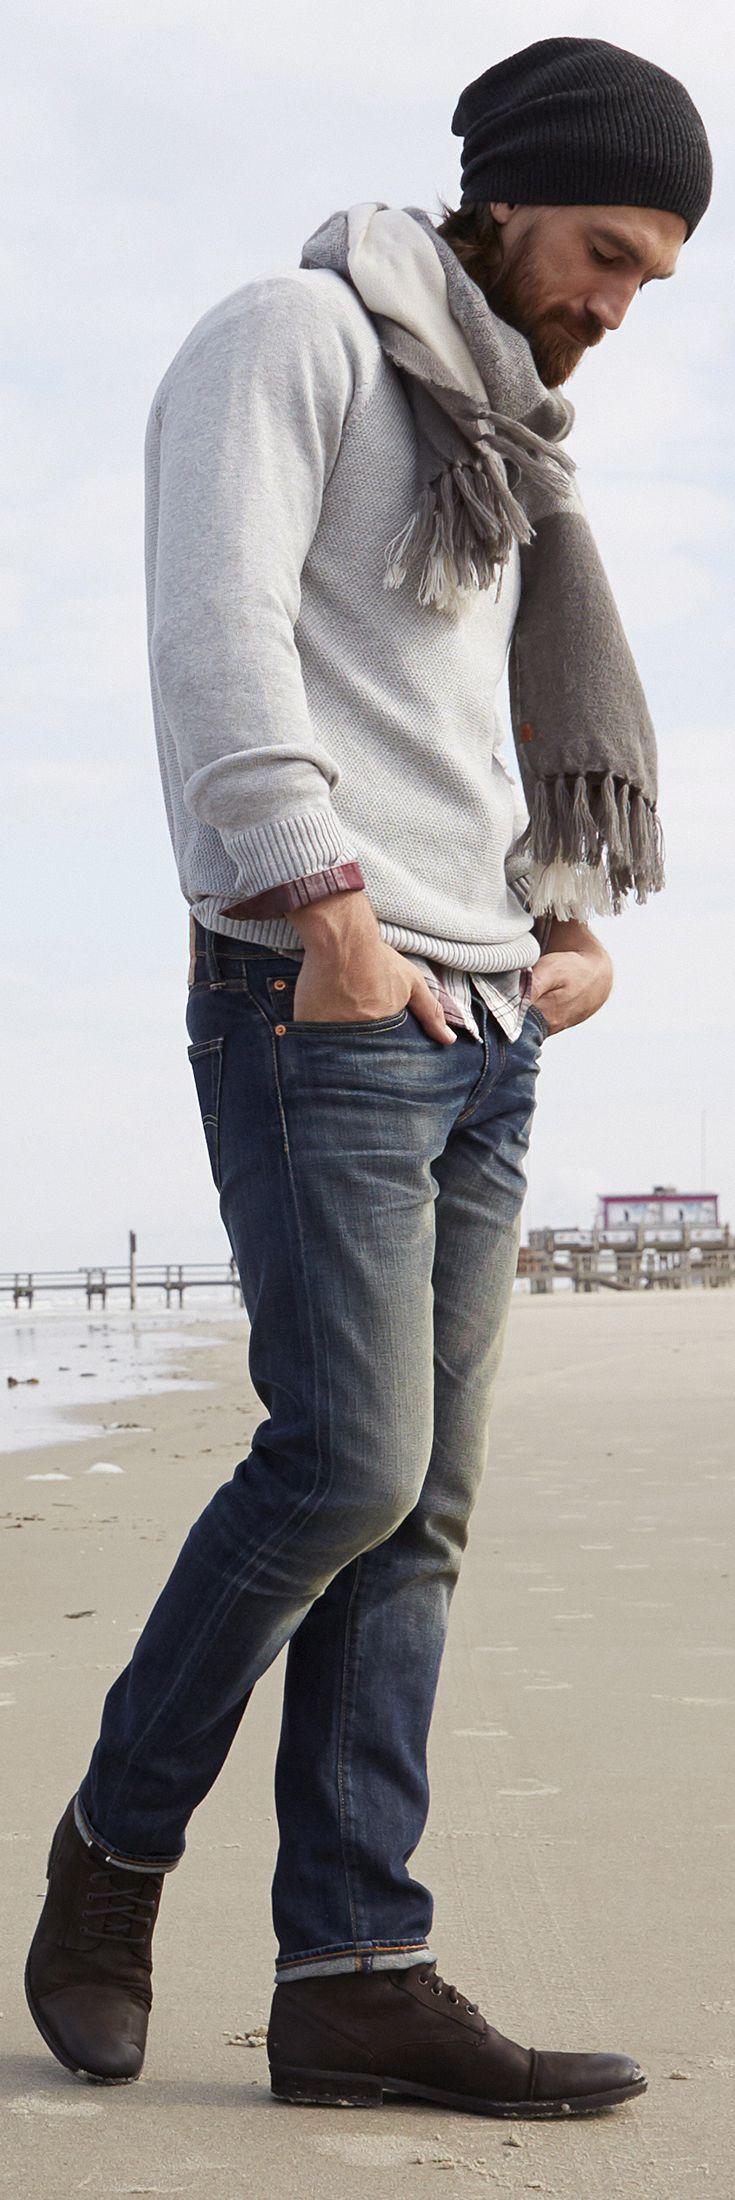 Levi's® –  ein Kult für alle Fälle! Seit 1873 begeistert DIE Denim-Marke schlechthin mit  beliebten Jeans-Klassikern und innovativer Streetwear  für jeden Tag. Lässige, natürliche Basics und stylische  Trends finden modebewusste Männer natürlich auch in  der aktuellen Herbst und Winterkollektion. Unser Tipp:  Gleich mal reinschauen!